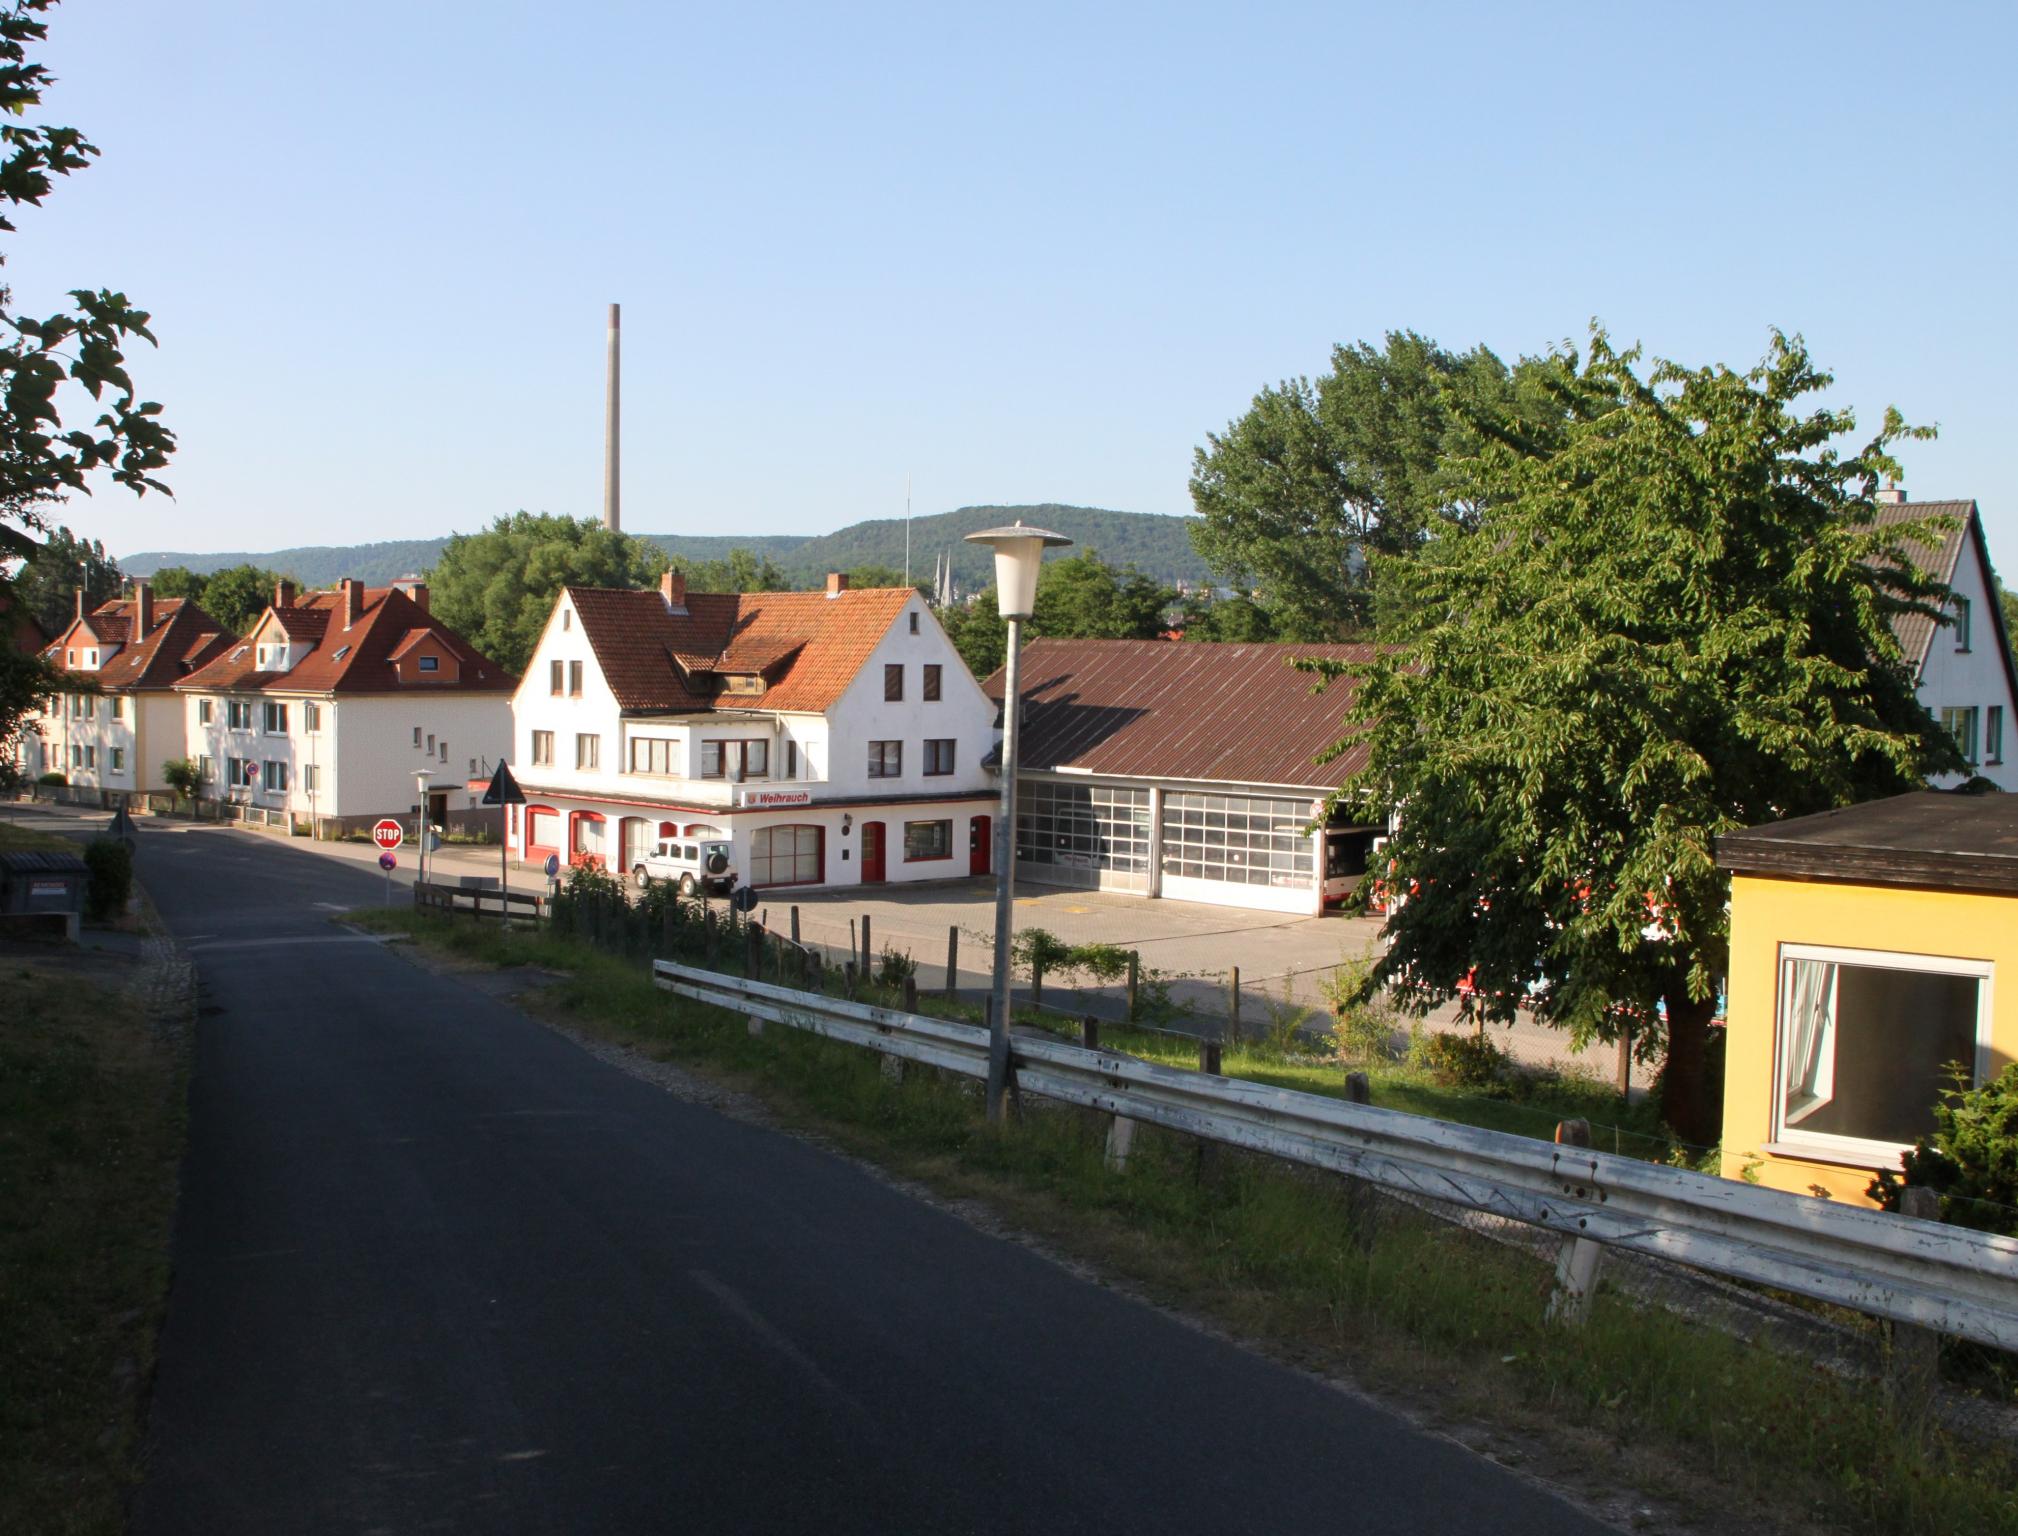 Heinrich-Rinne-Str2010-07